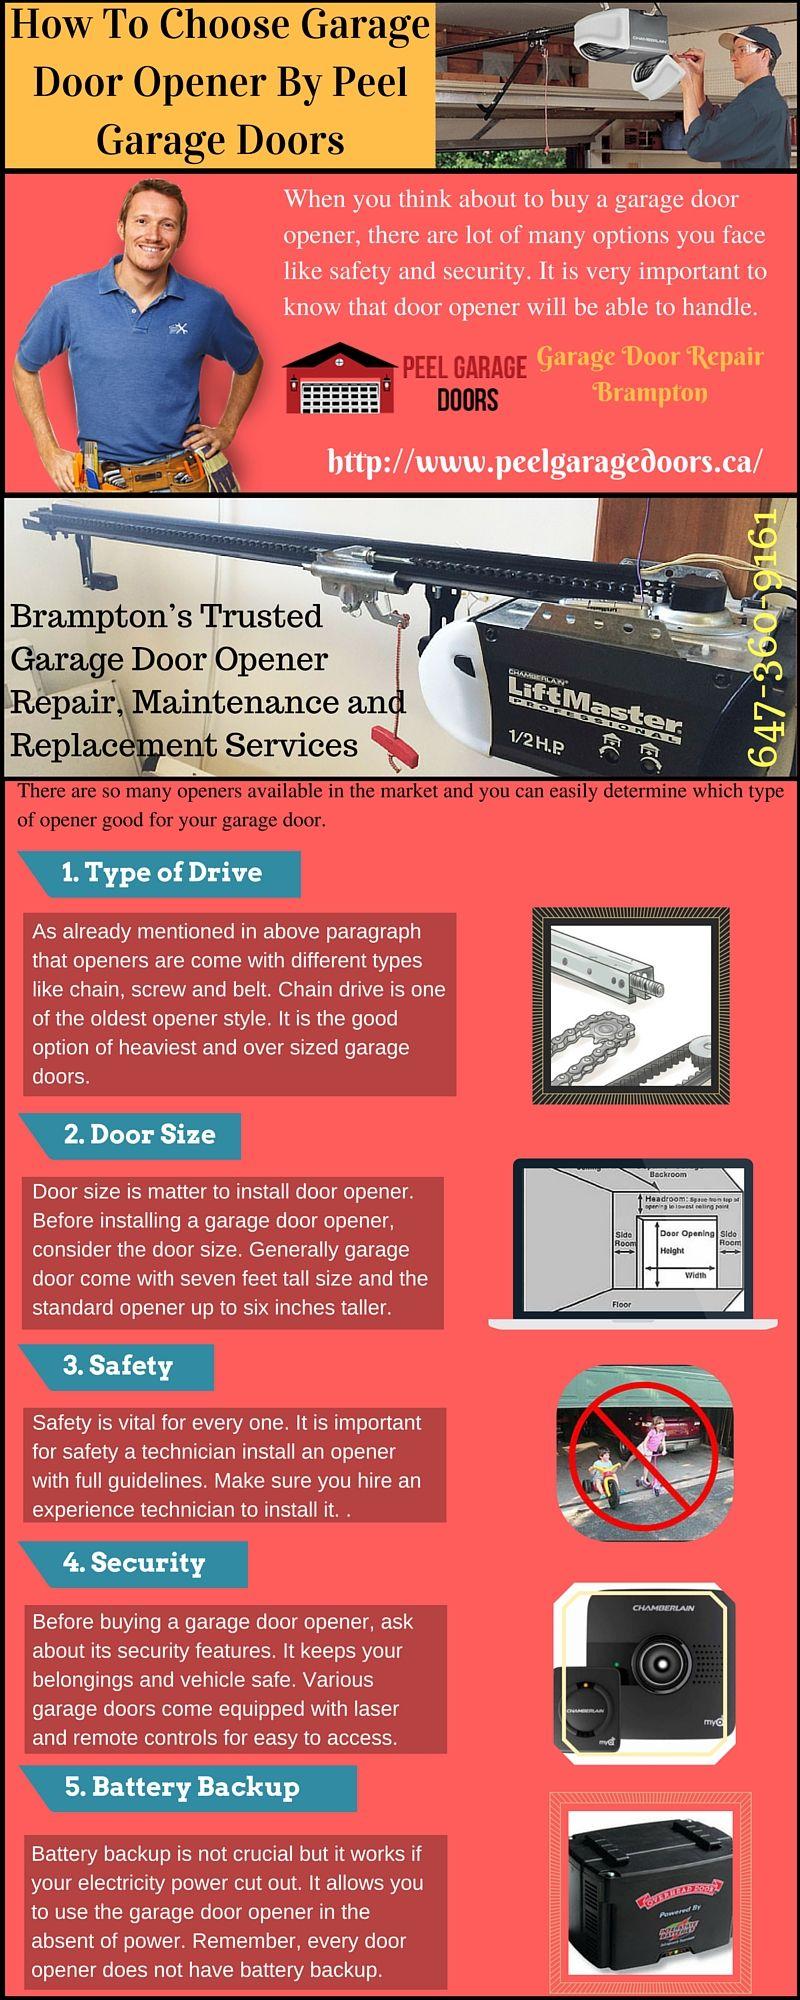 How To Choose Garage Door Opener By Peel Garage Doors Garage Door